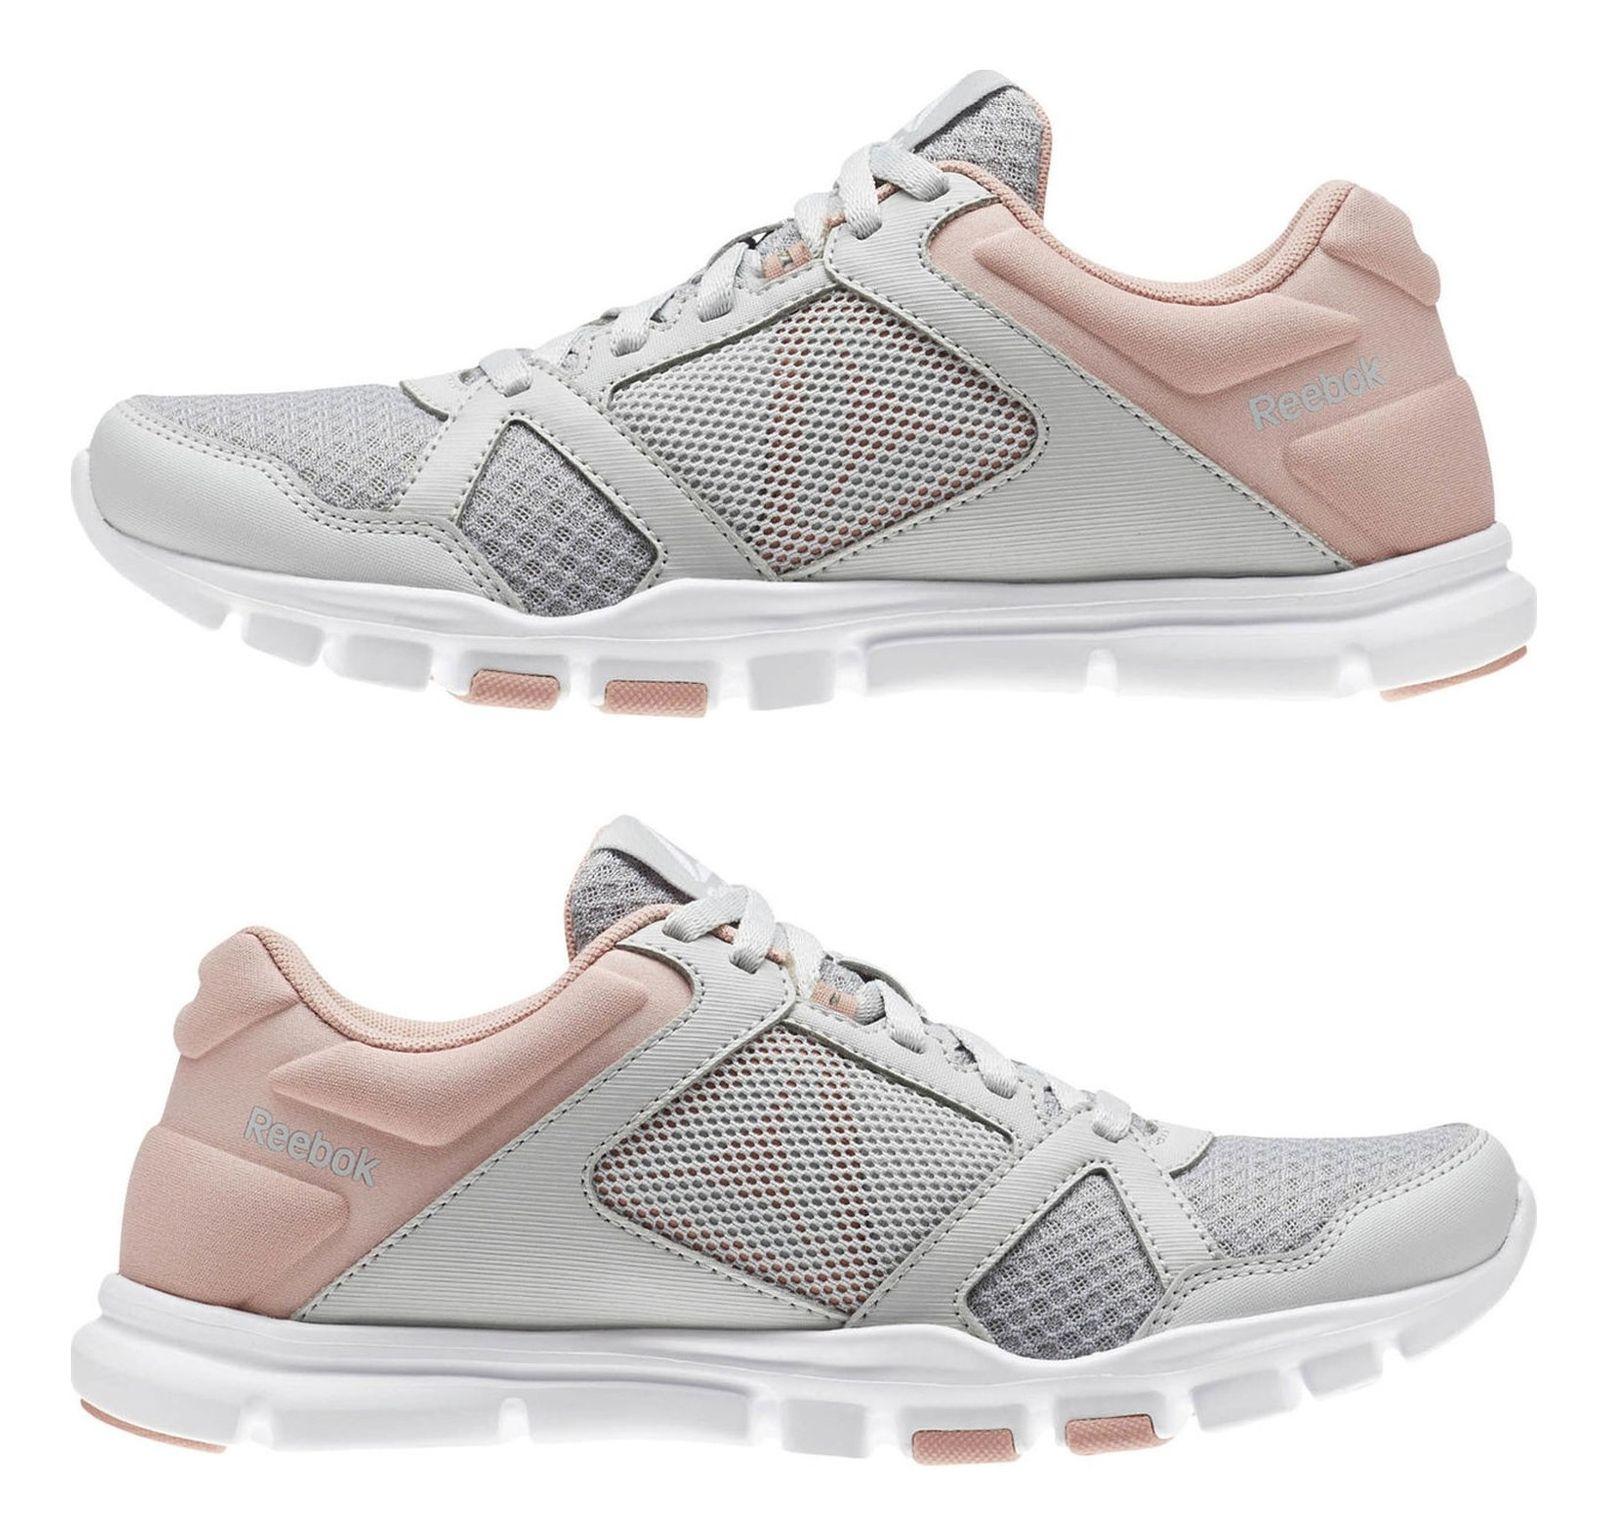 کفش تمرین زنانه ریباک مدل Yourflex Trainette 10 MT - طوسي و صورتي - 2